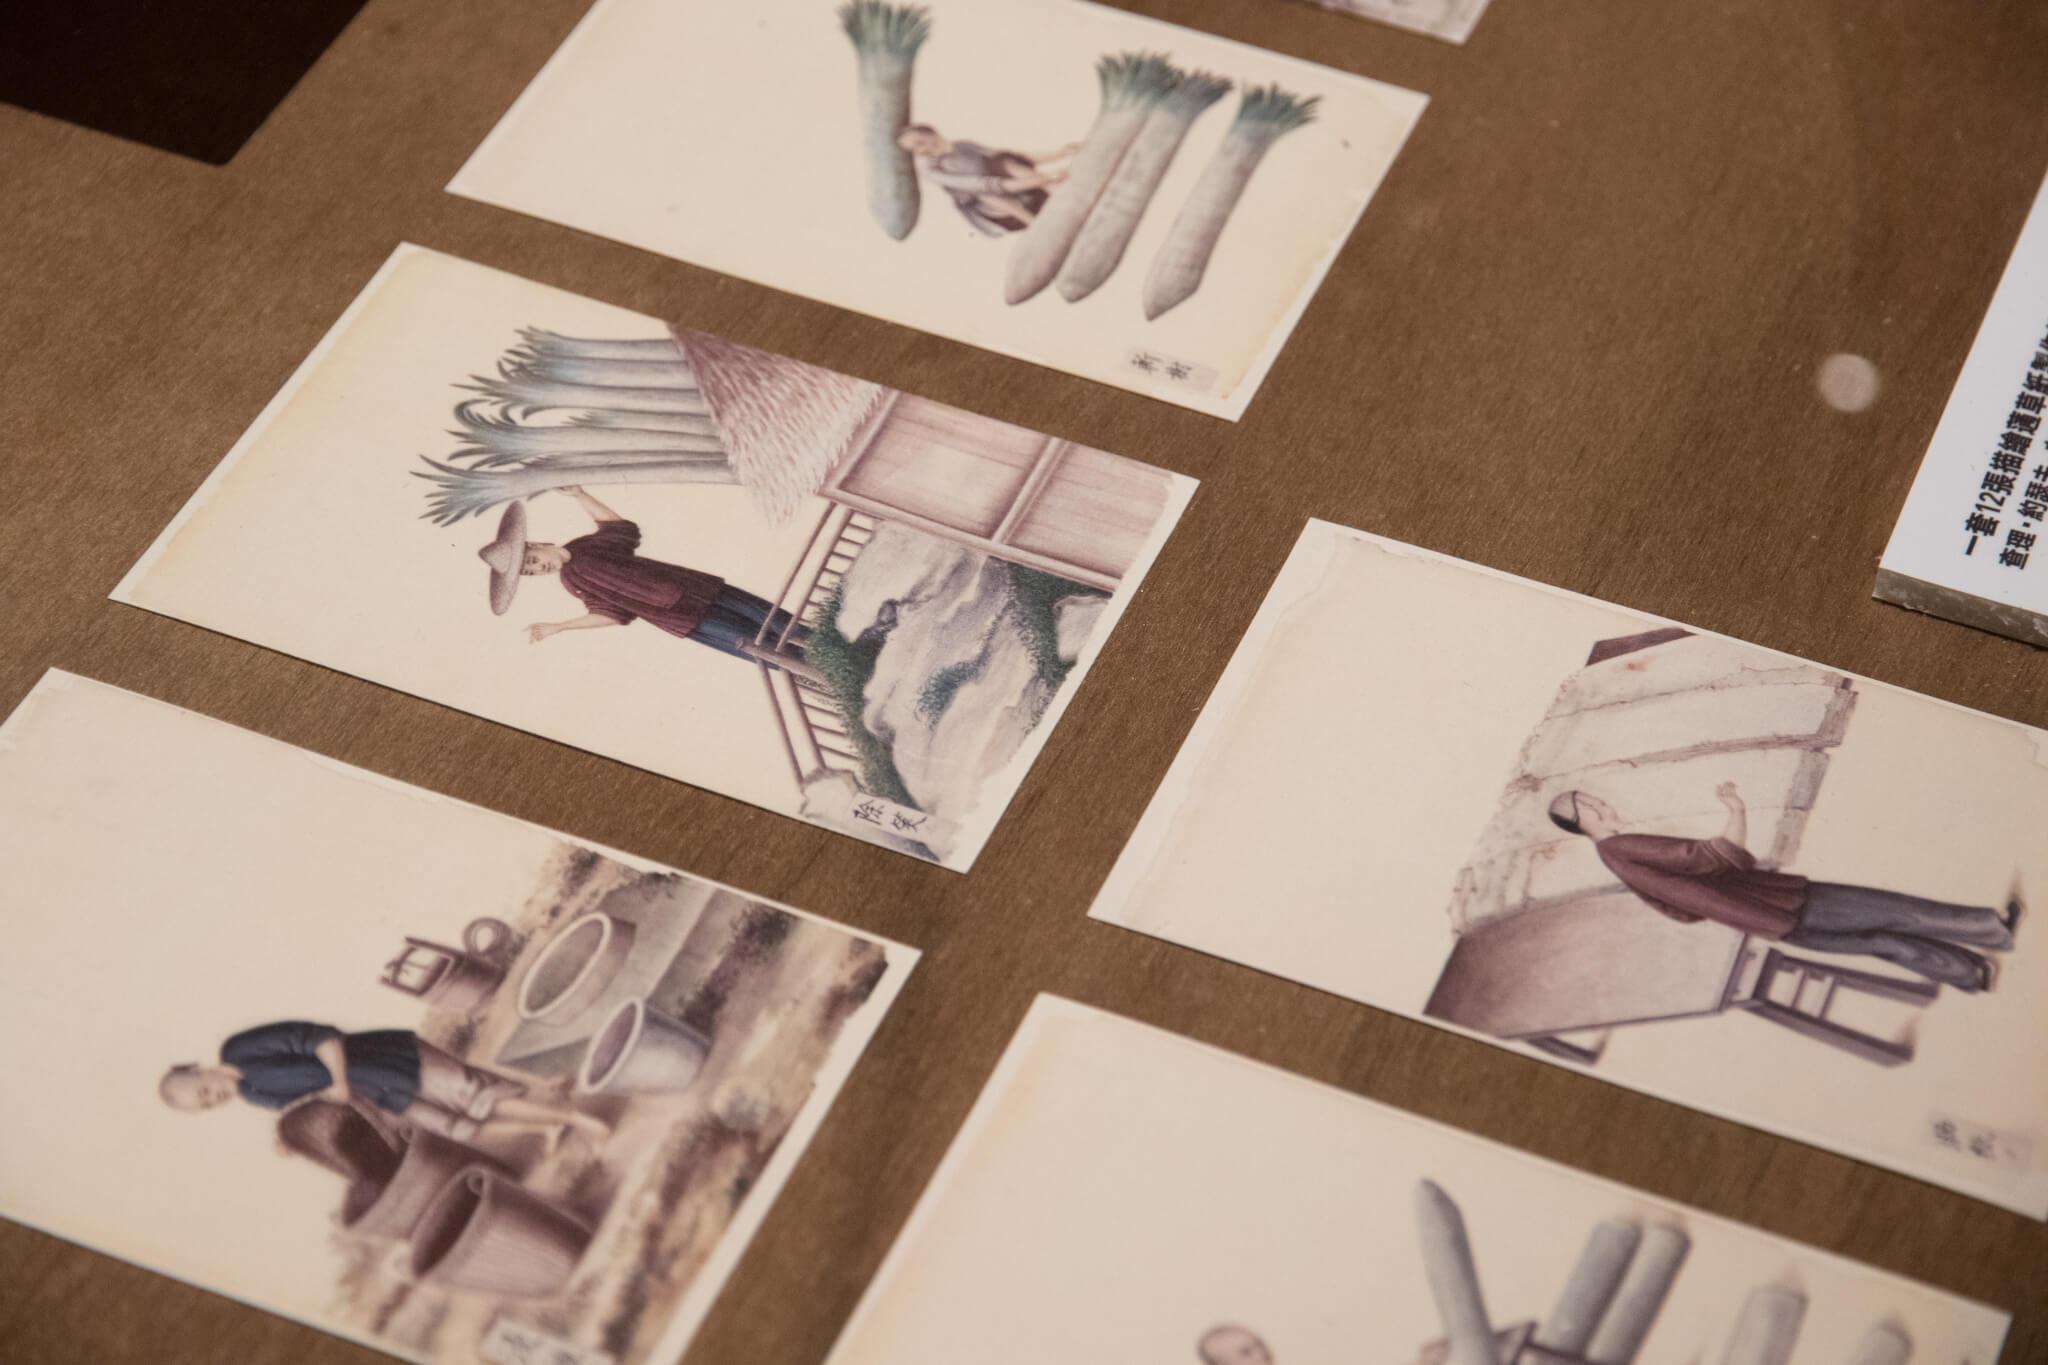 舊的畫作中紀錄了製作蓪草紙的過程